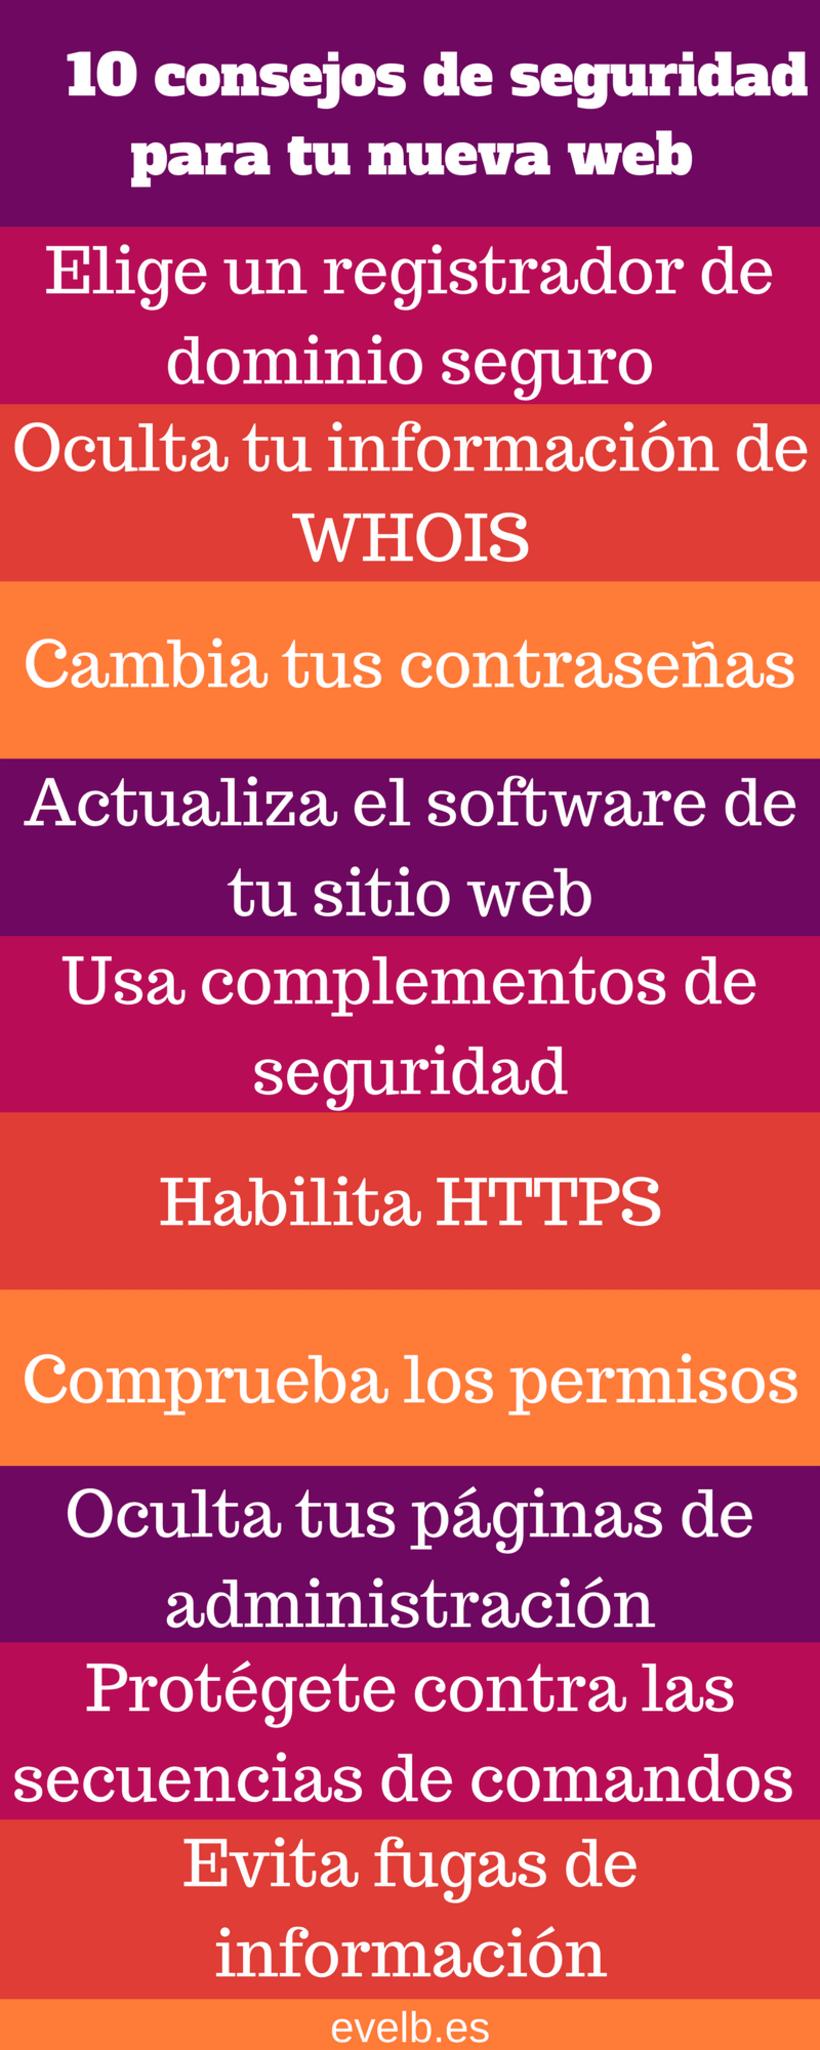 Infografías evelb.es 7